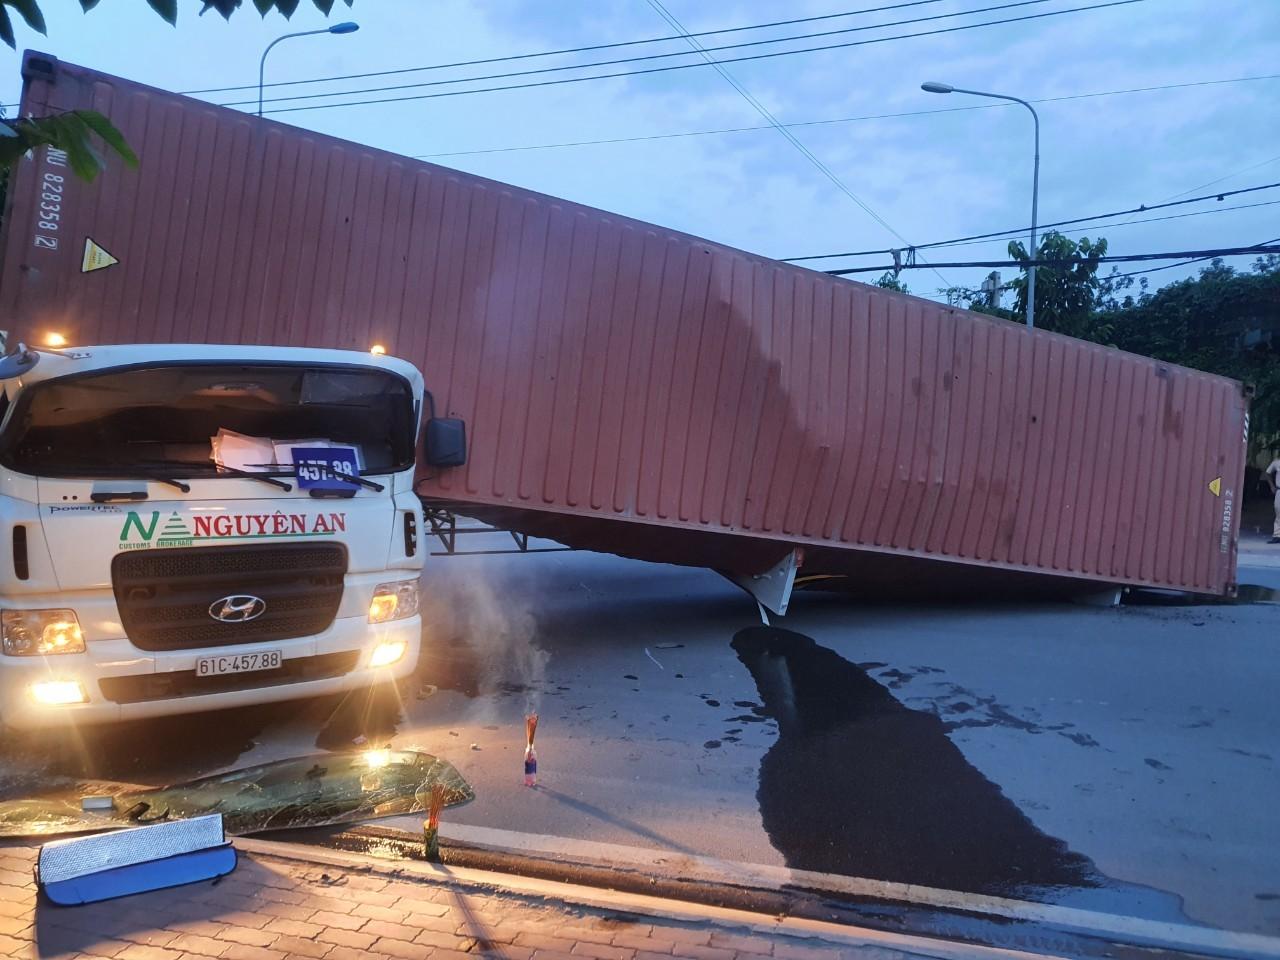 Quay đầu xe, thùng container lật nghiêng đè chết tài xế trong cabin